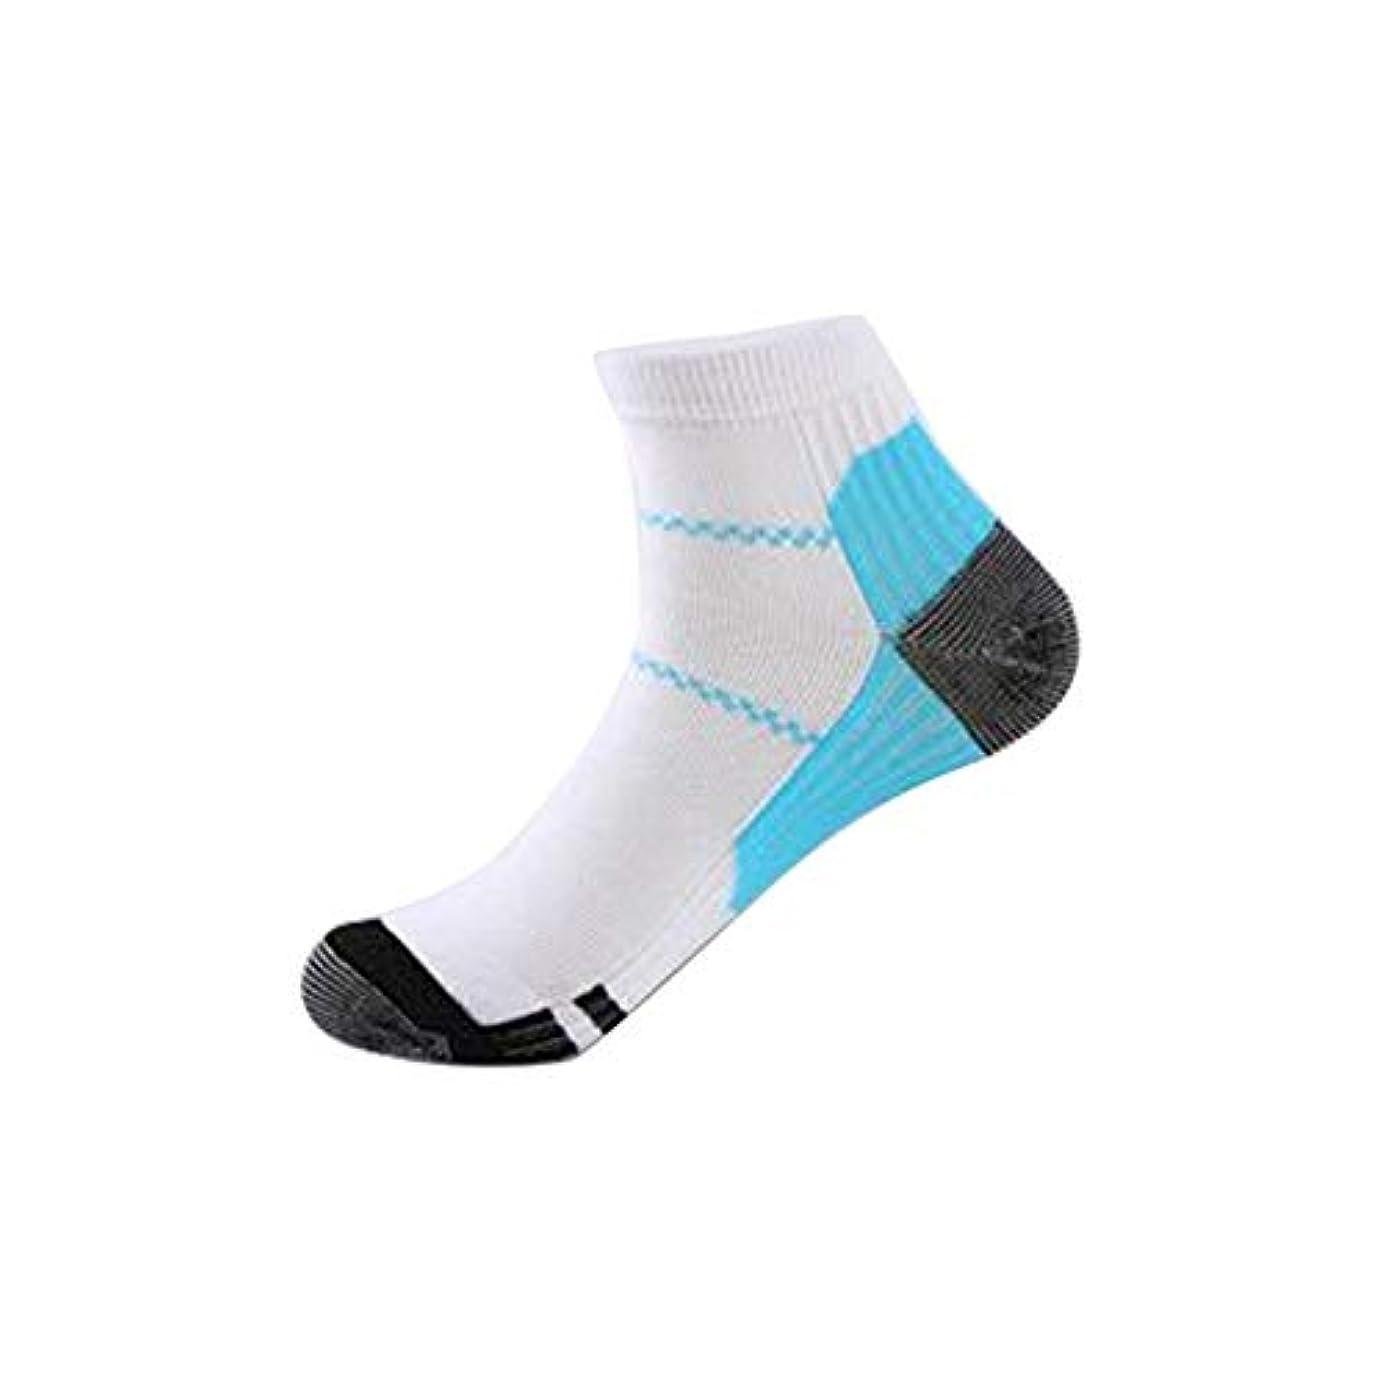 コンソールだます国民快適な男性女性ファッション短いストレッチ圧縮靴下膝ソックスサポートストレッチ通気性ソックス - ホワイト&ブルーS/M